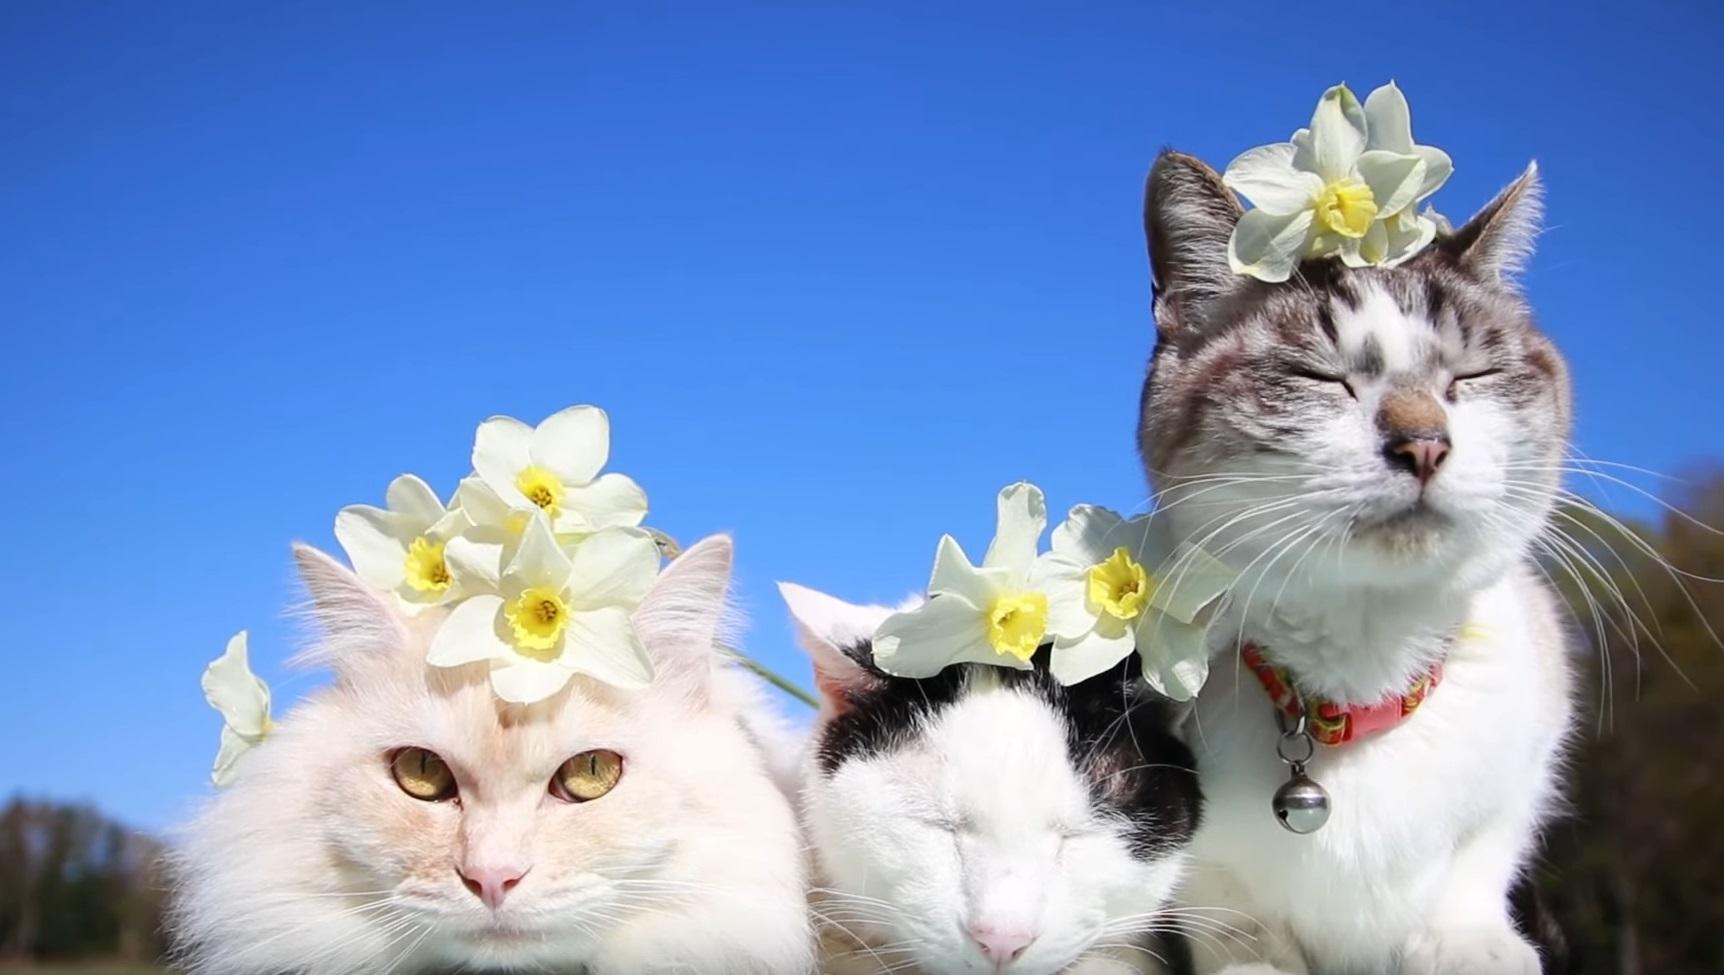 Cute Adorable Cats Outside